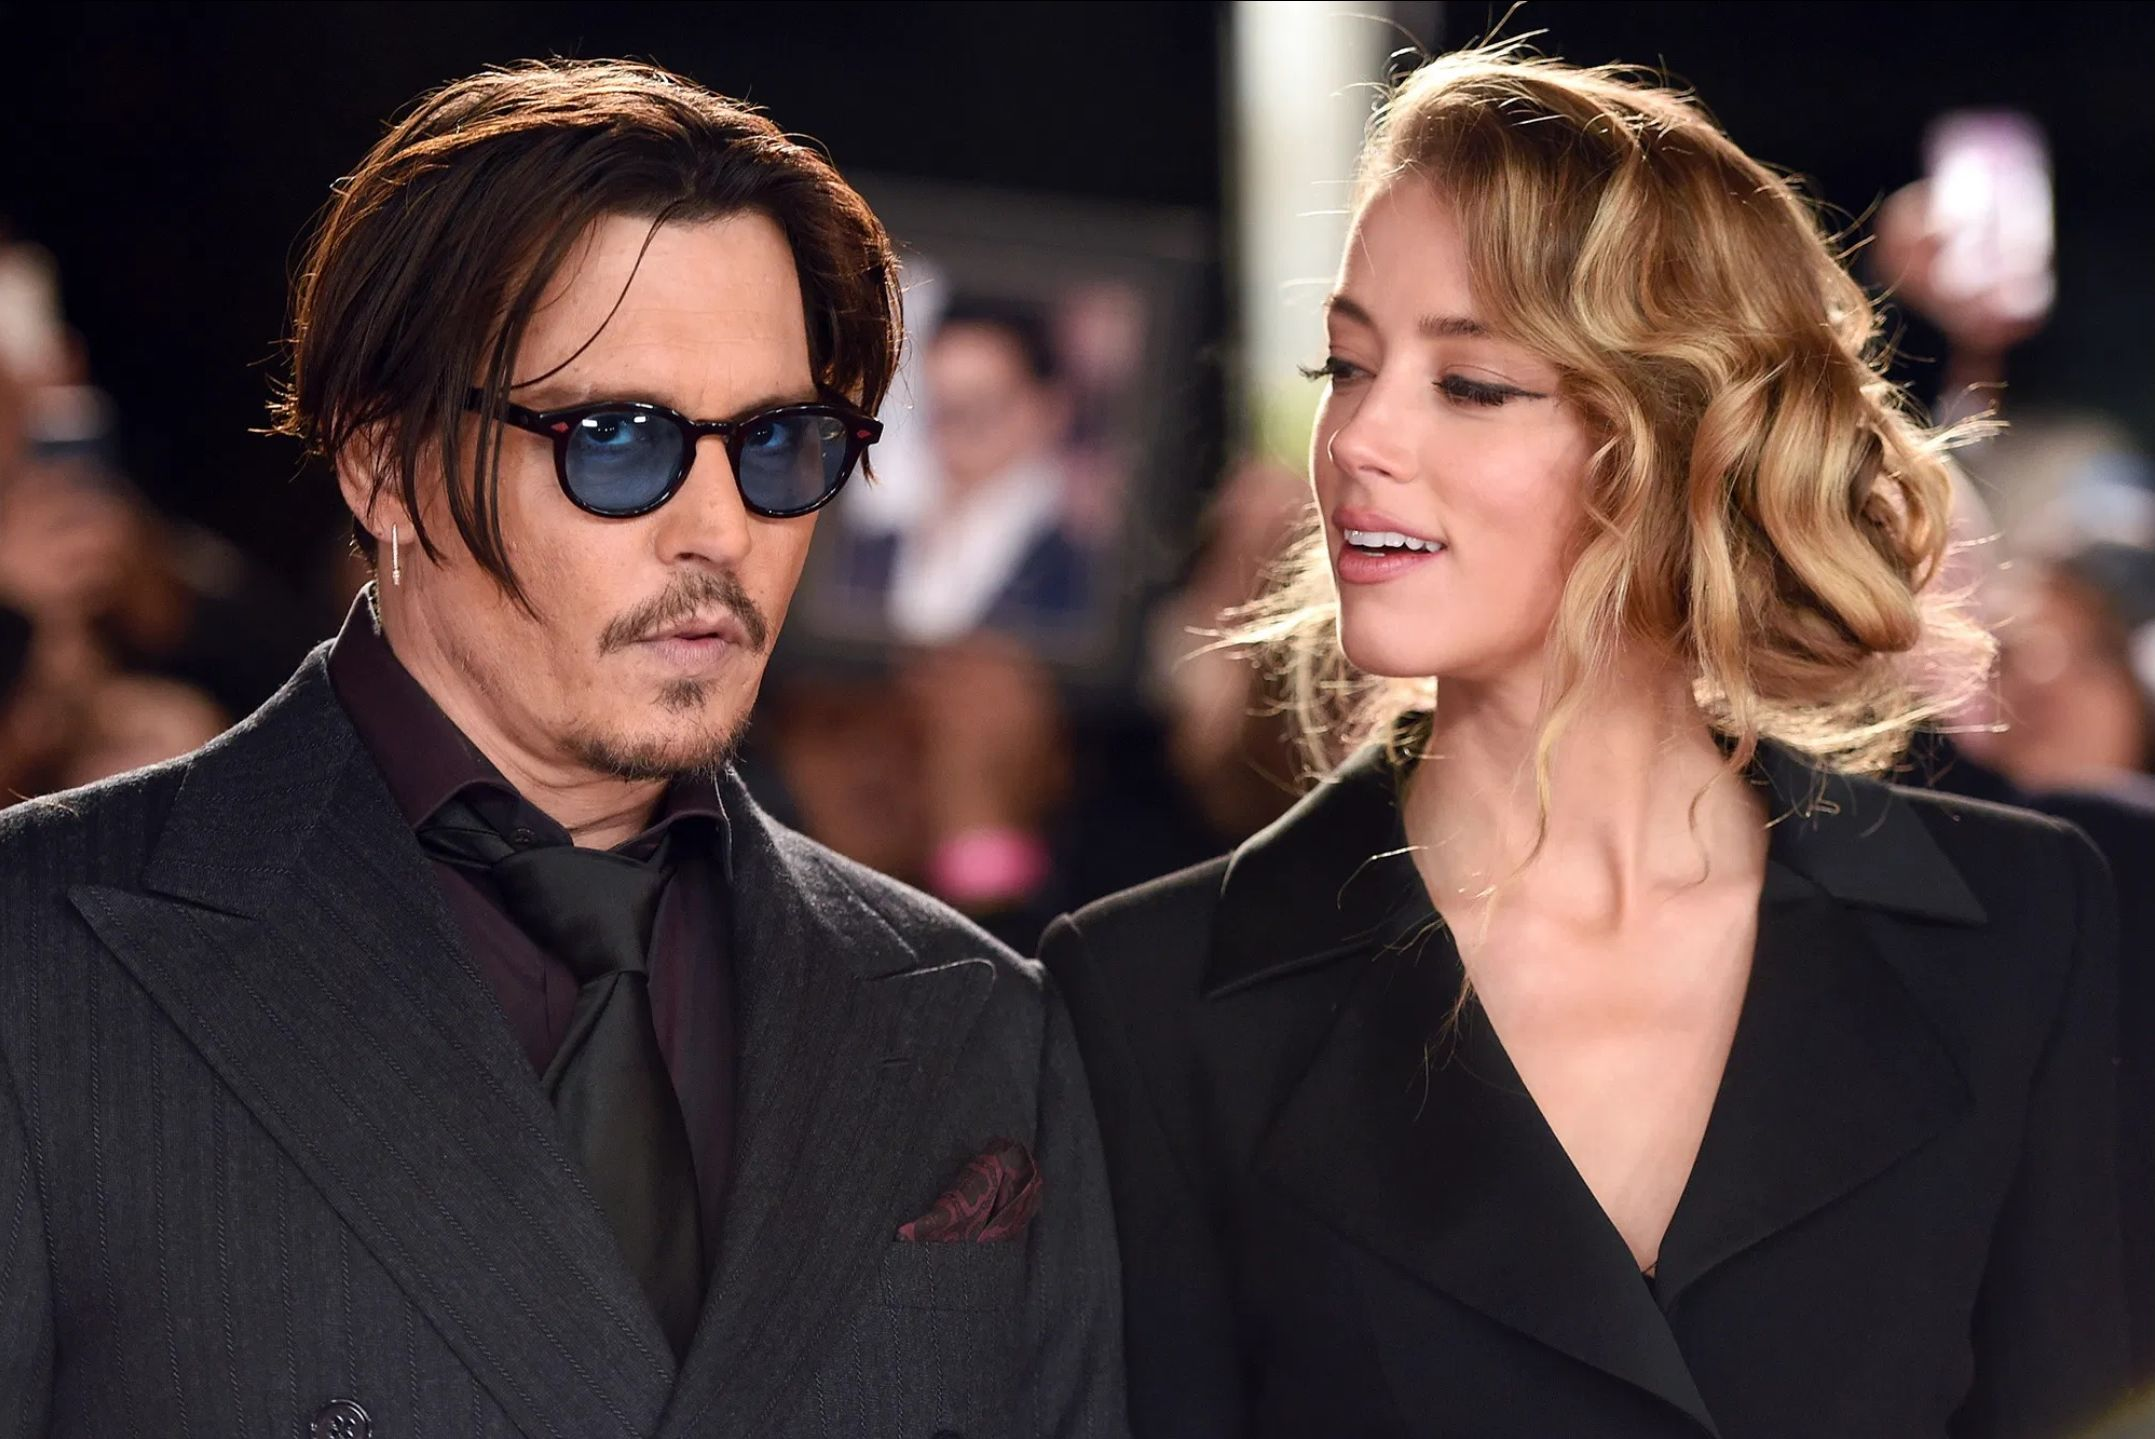 Johnny Depp : 7 millions de dollars promis à des associations caritatives empochés par Amber Heard ? Il balance sur son ex !